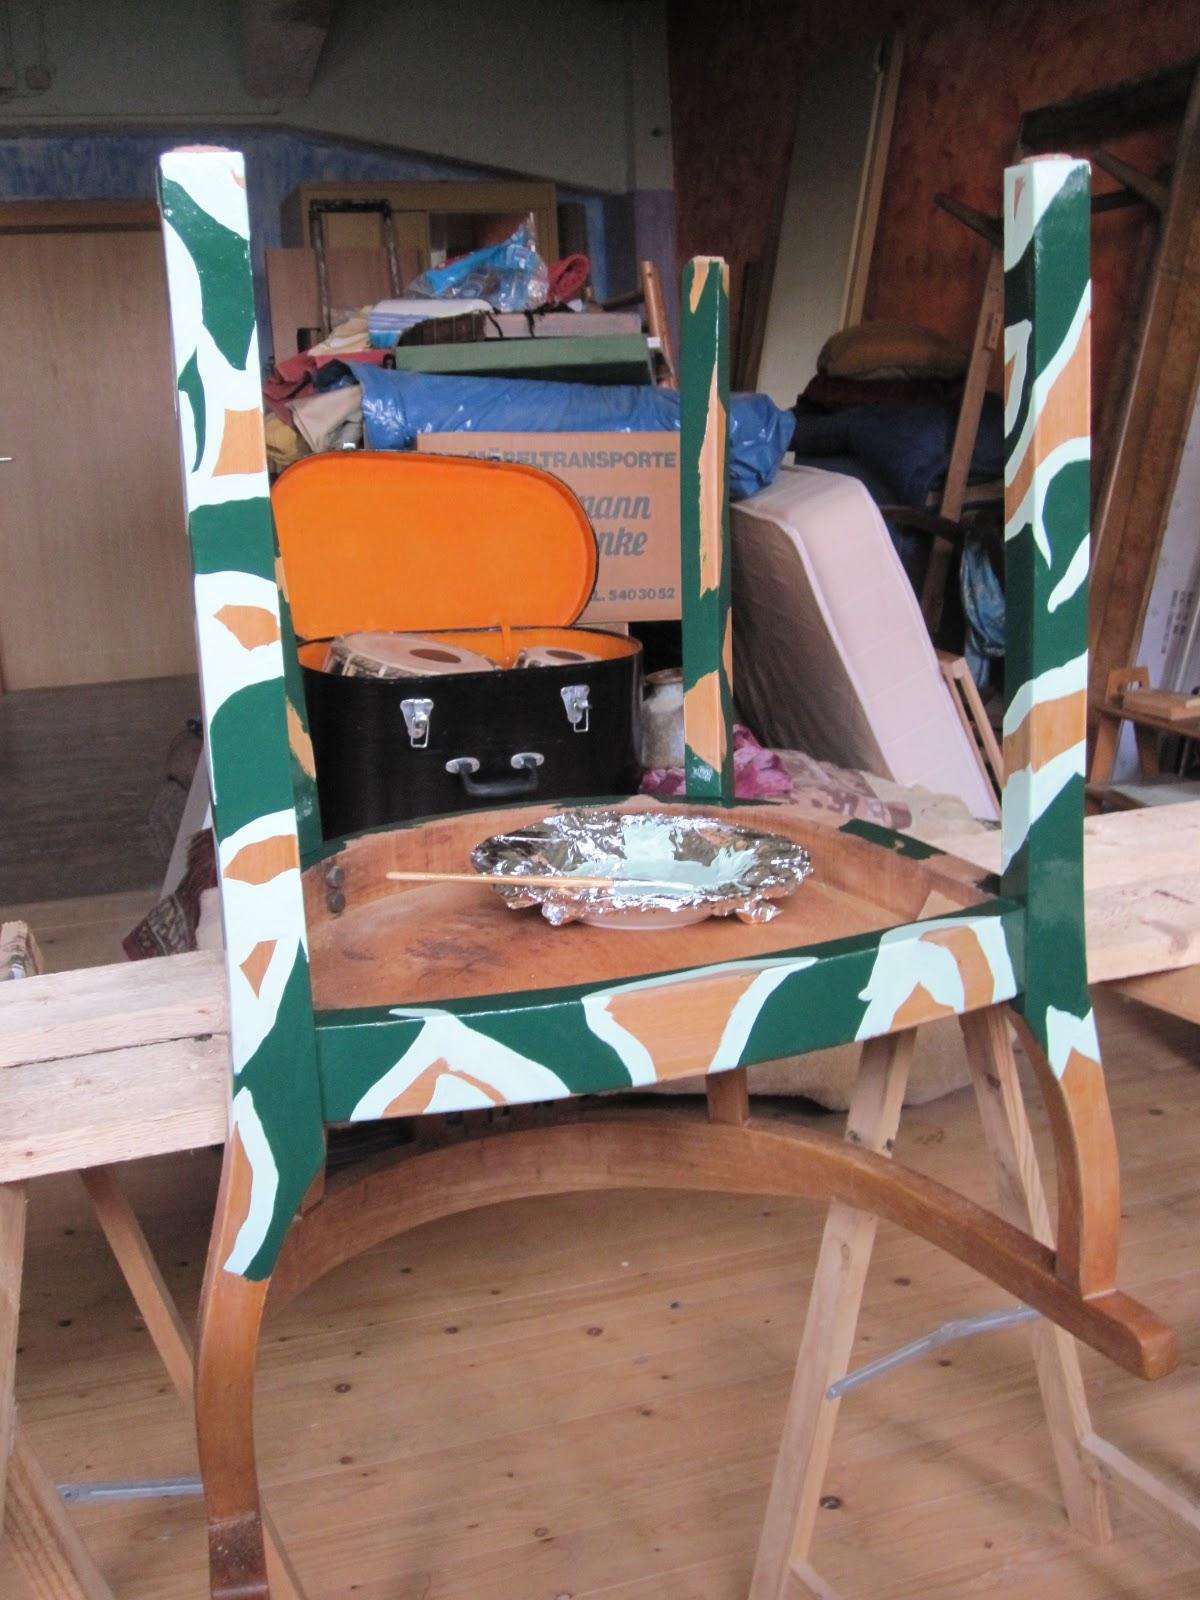 Stühle Bemalen textil kunst keller 2 alte stühle neu bemalt